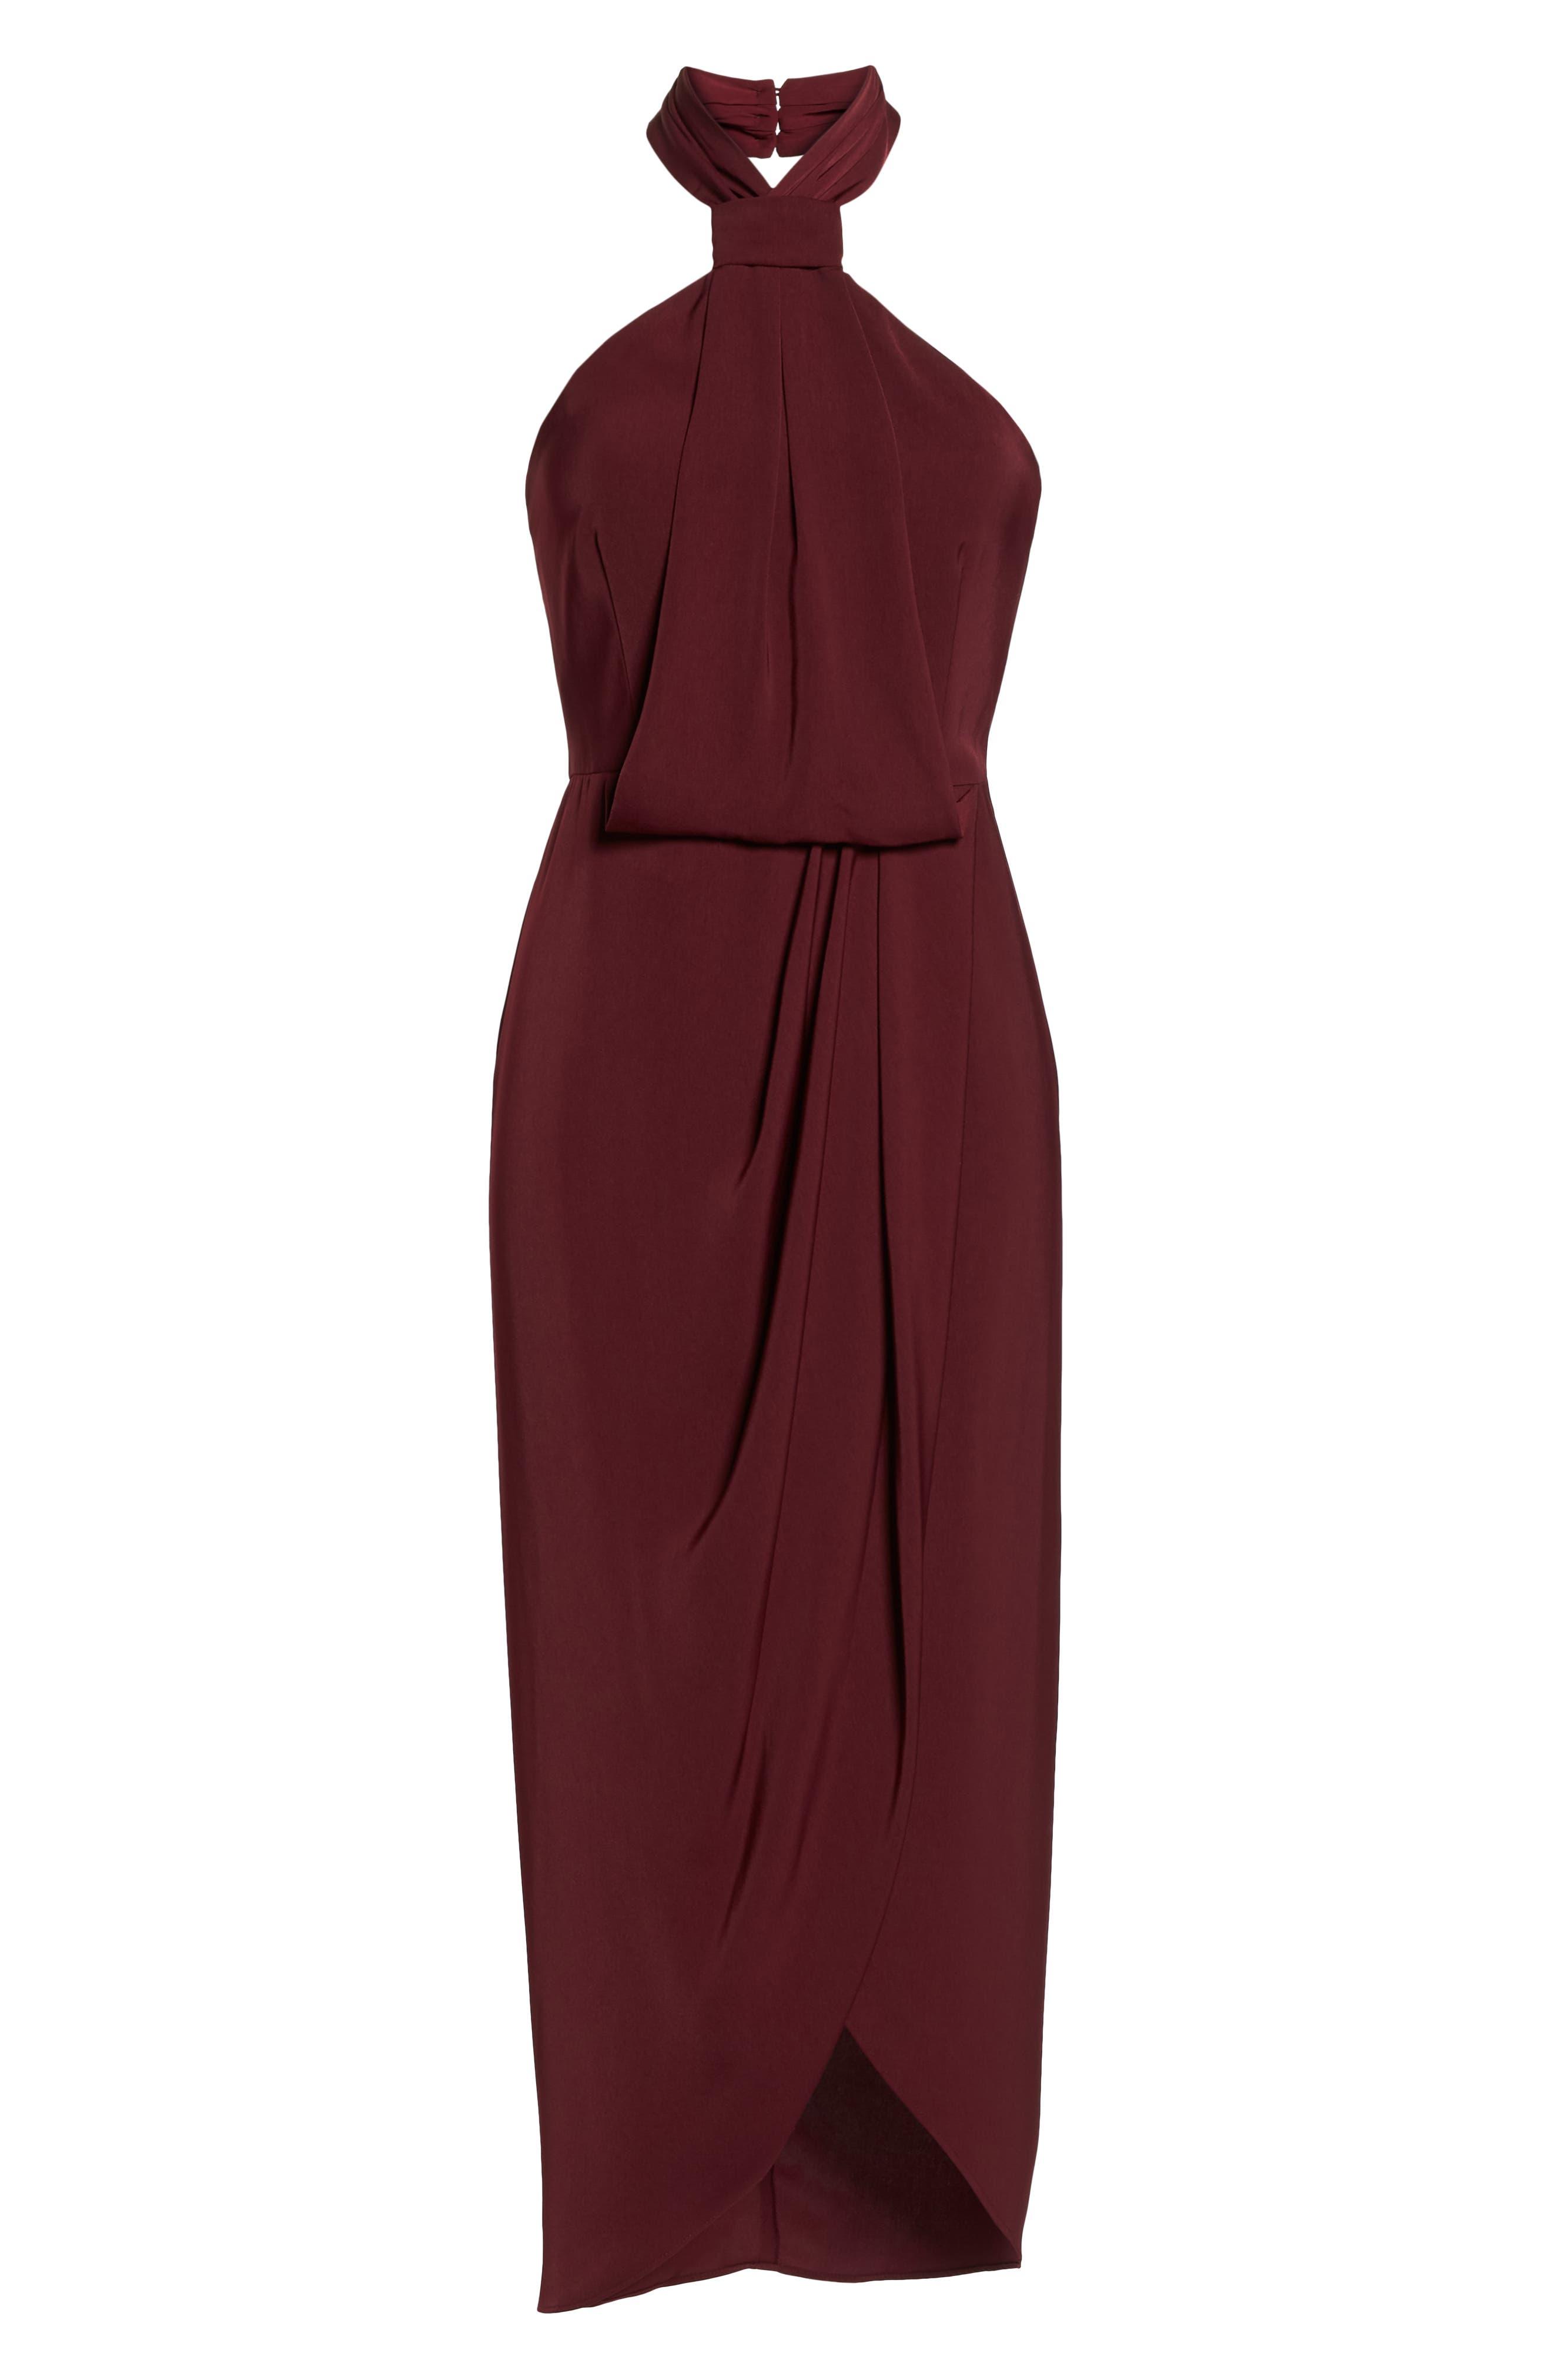 SHONA JOY,                             Knotted Tulip Hem Midi Dress,                             Alternate thumbnail 7, color,                             BURGUNDY